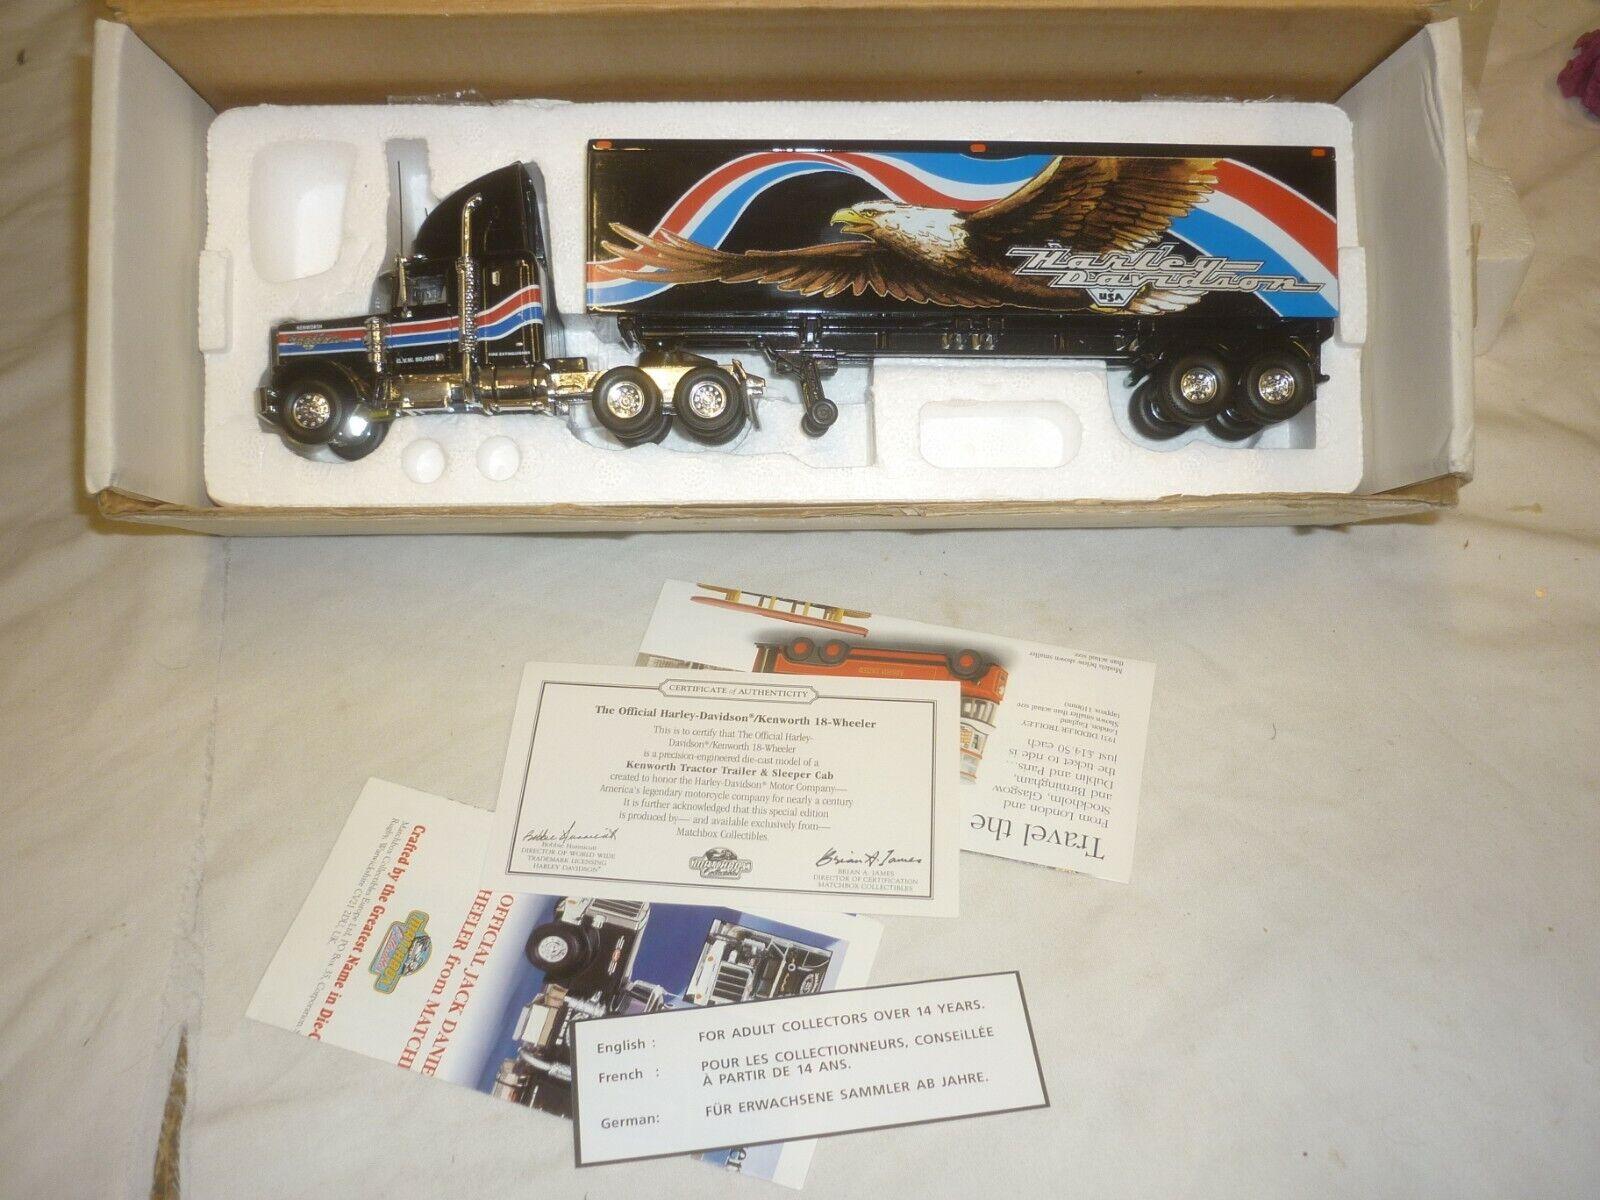 Un modelo a escala MATCHBOX de un camión Peterbilt con American Eagle Remolque, En Caja